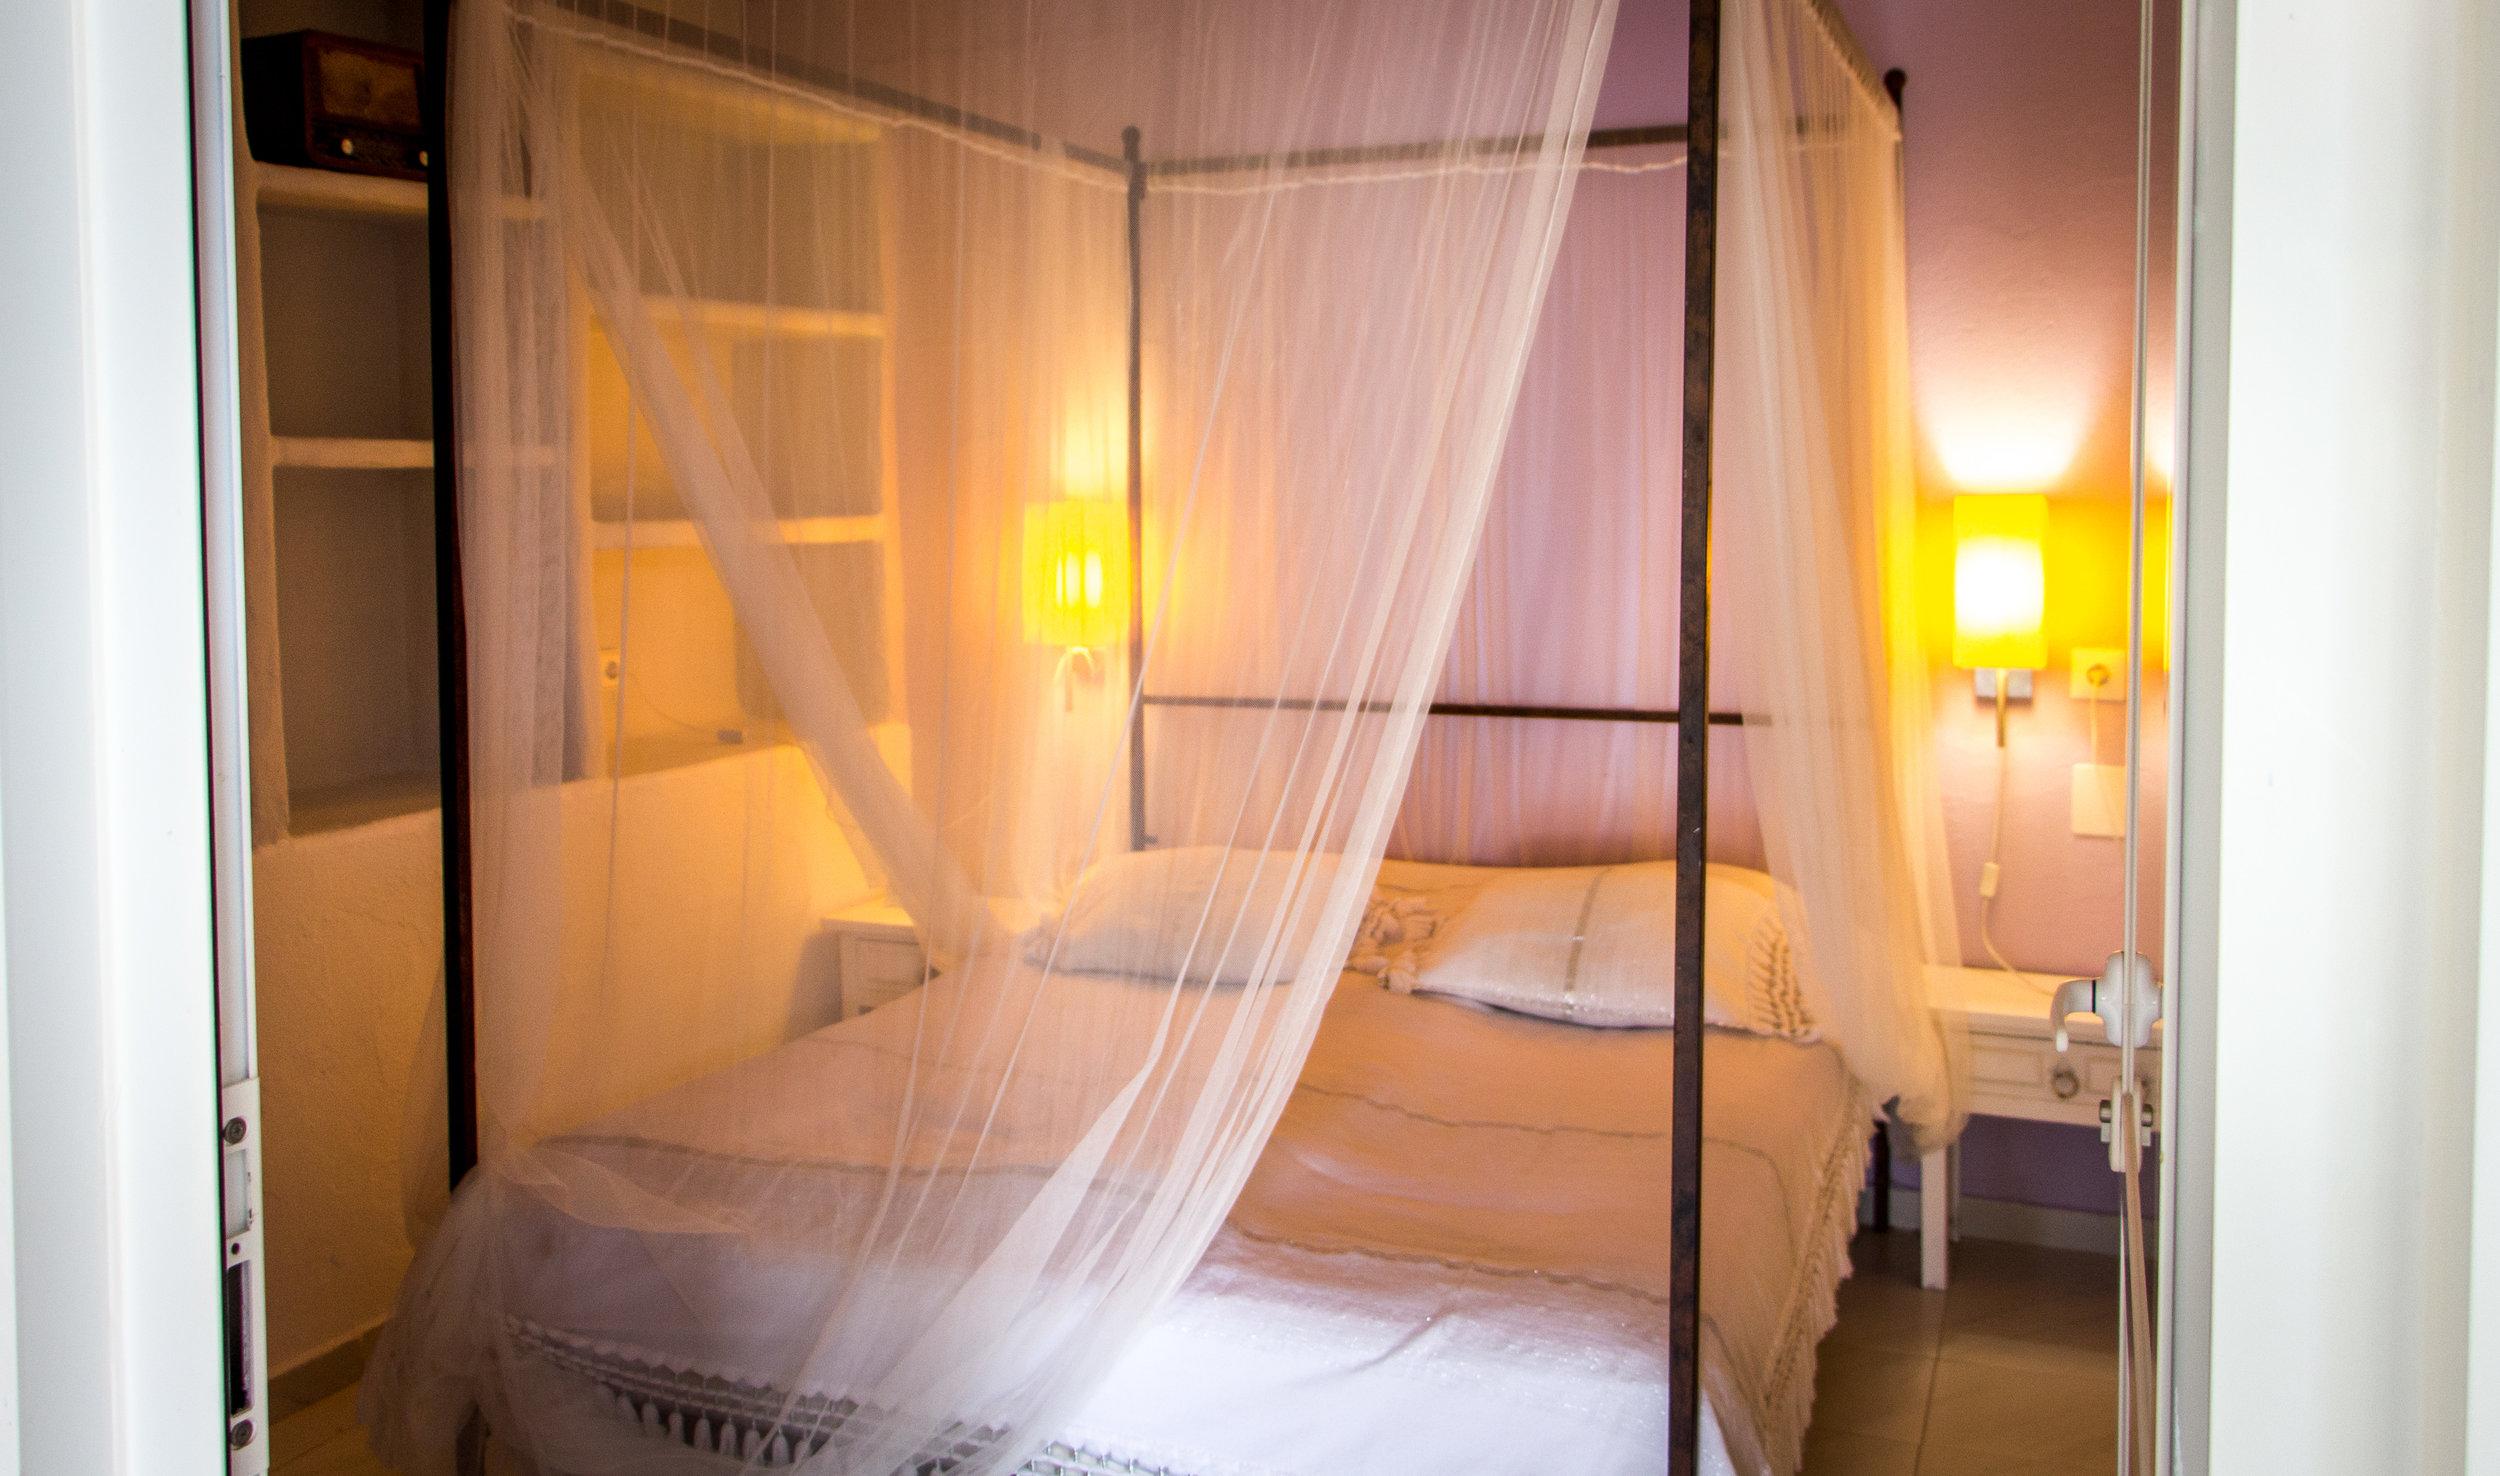 double bed in dorm.jpg